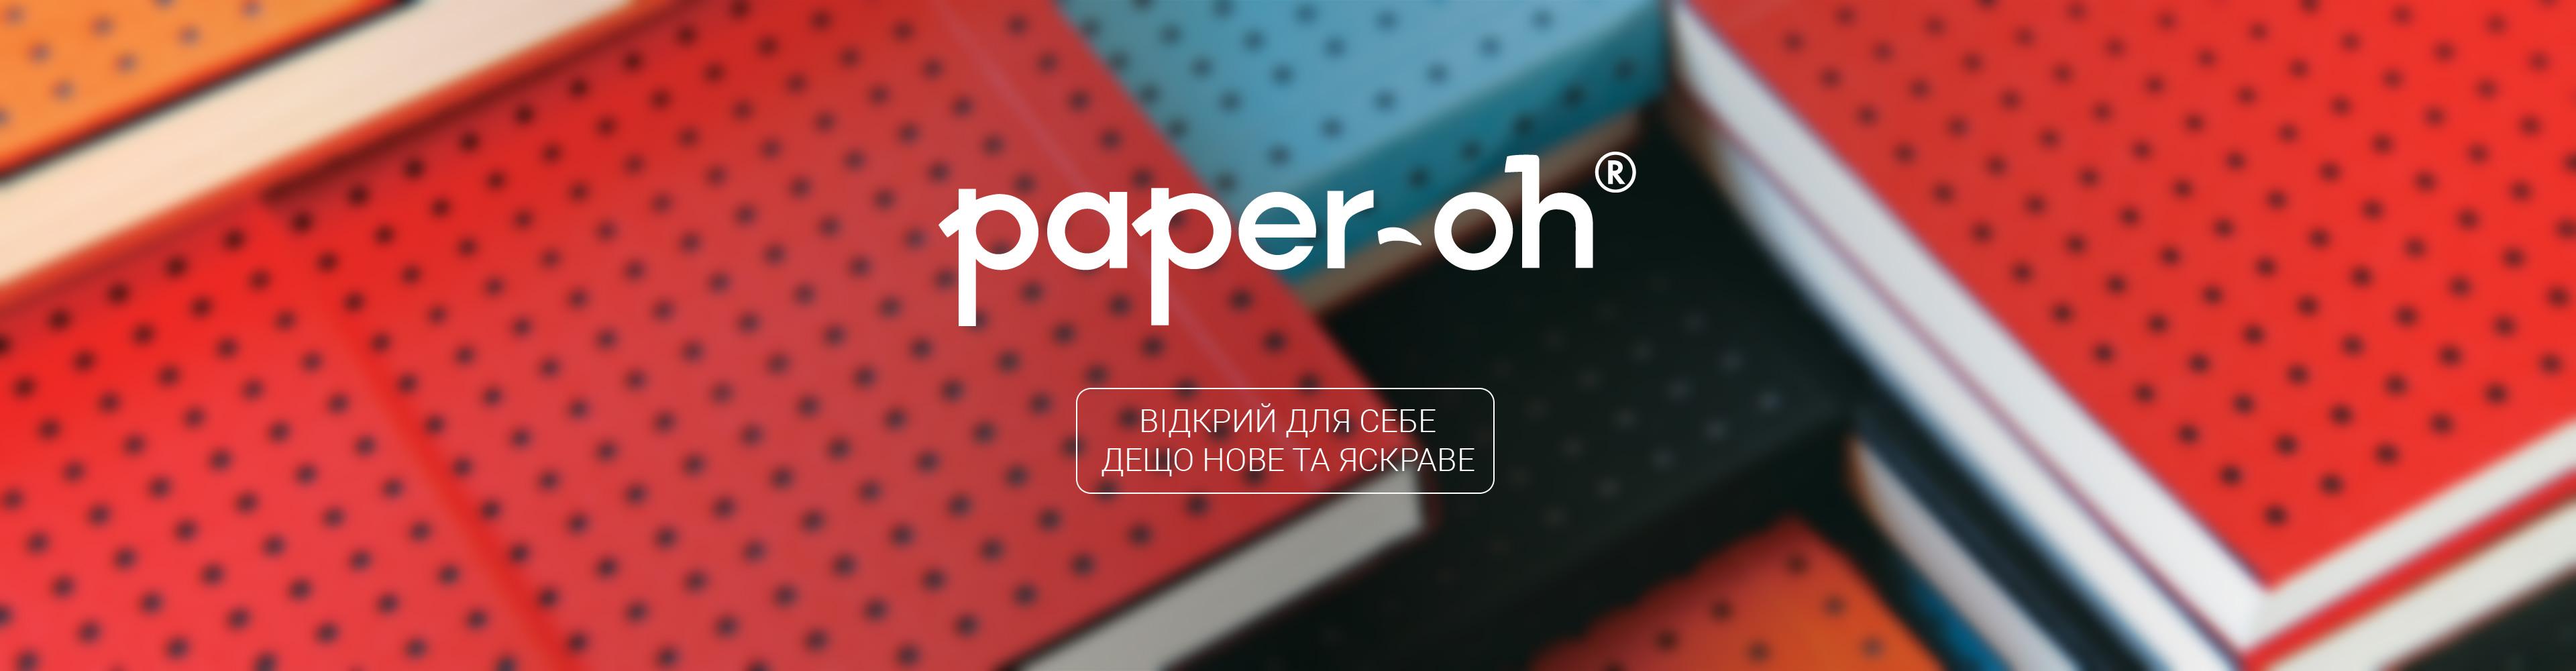 Paper-Oh: відкрий для себе дещо нове і яскраве